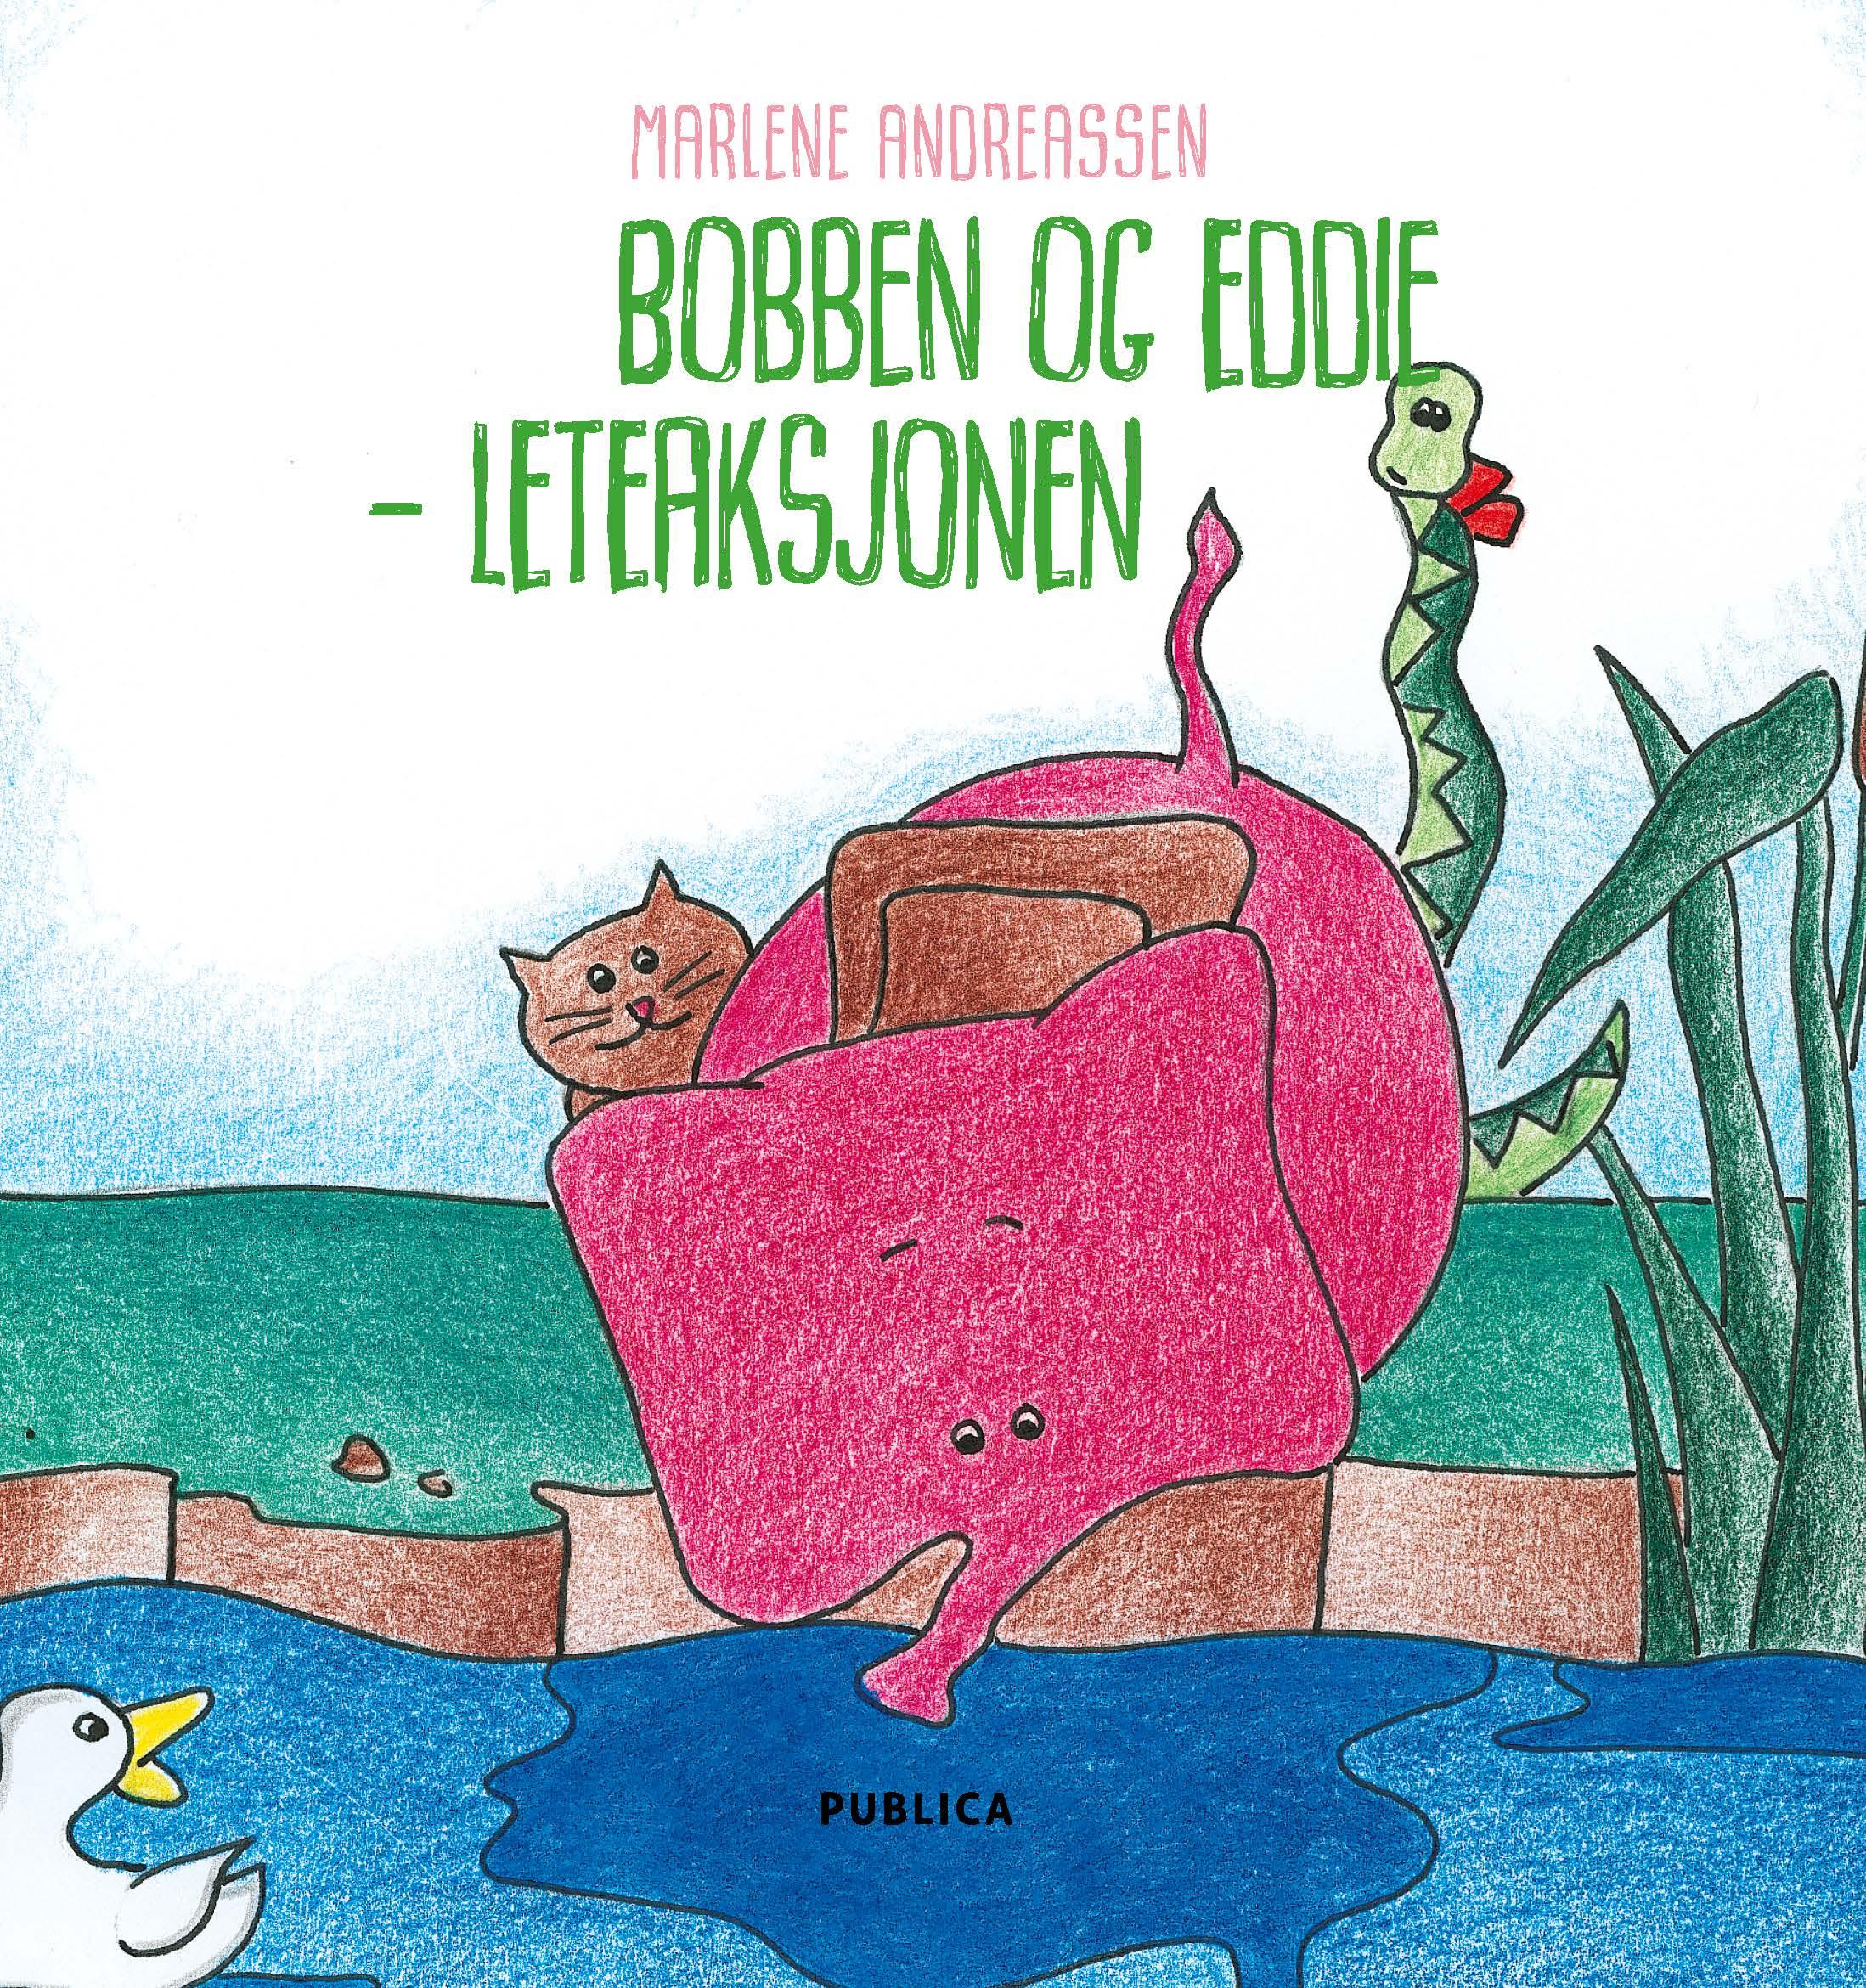 Bobben og Eddie - leteaksjonen